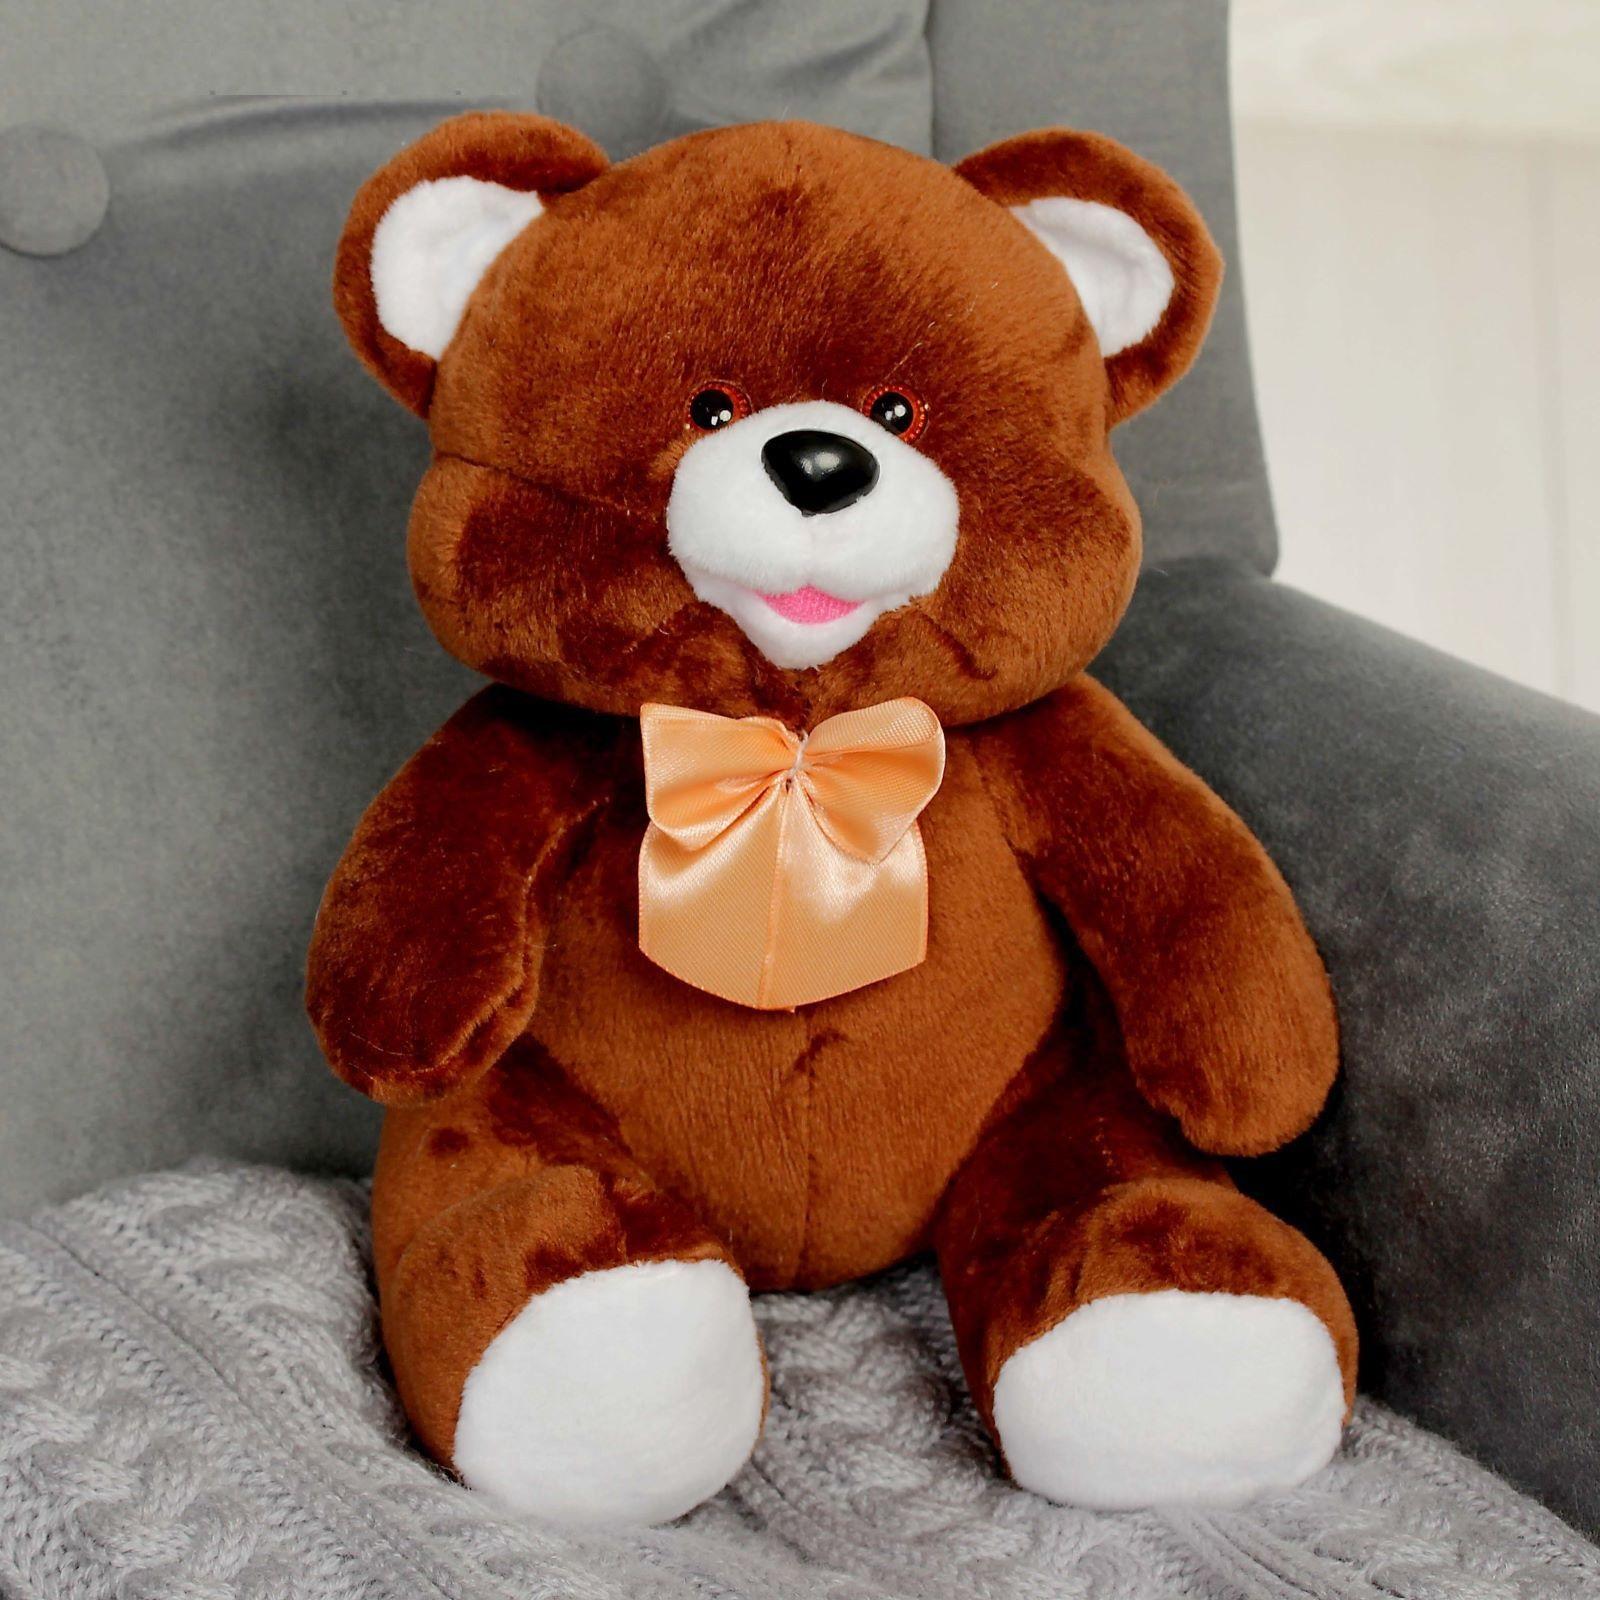 услугам гостей мягкая игрушка медведь фото суп отлично утоляет